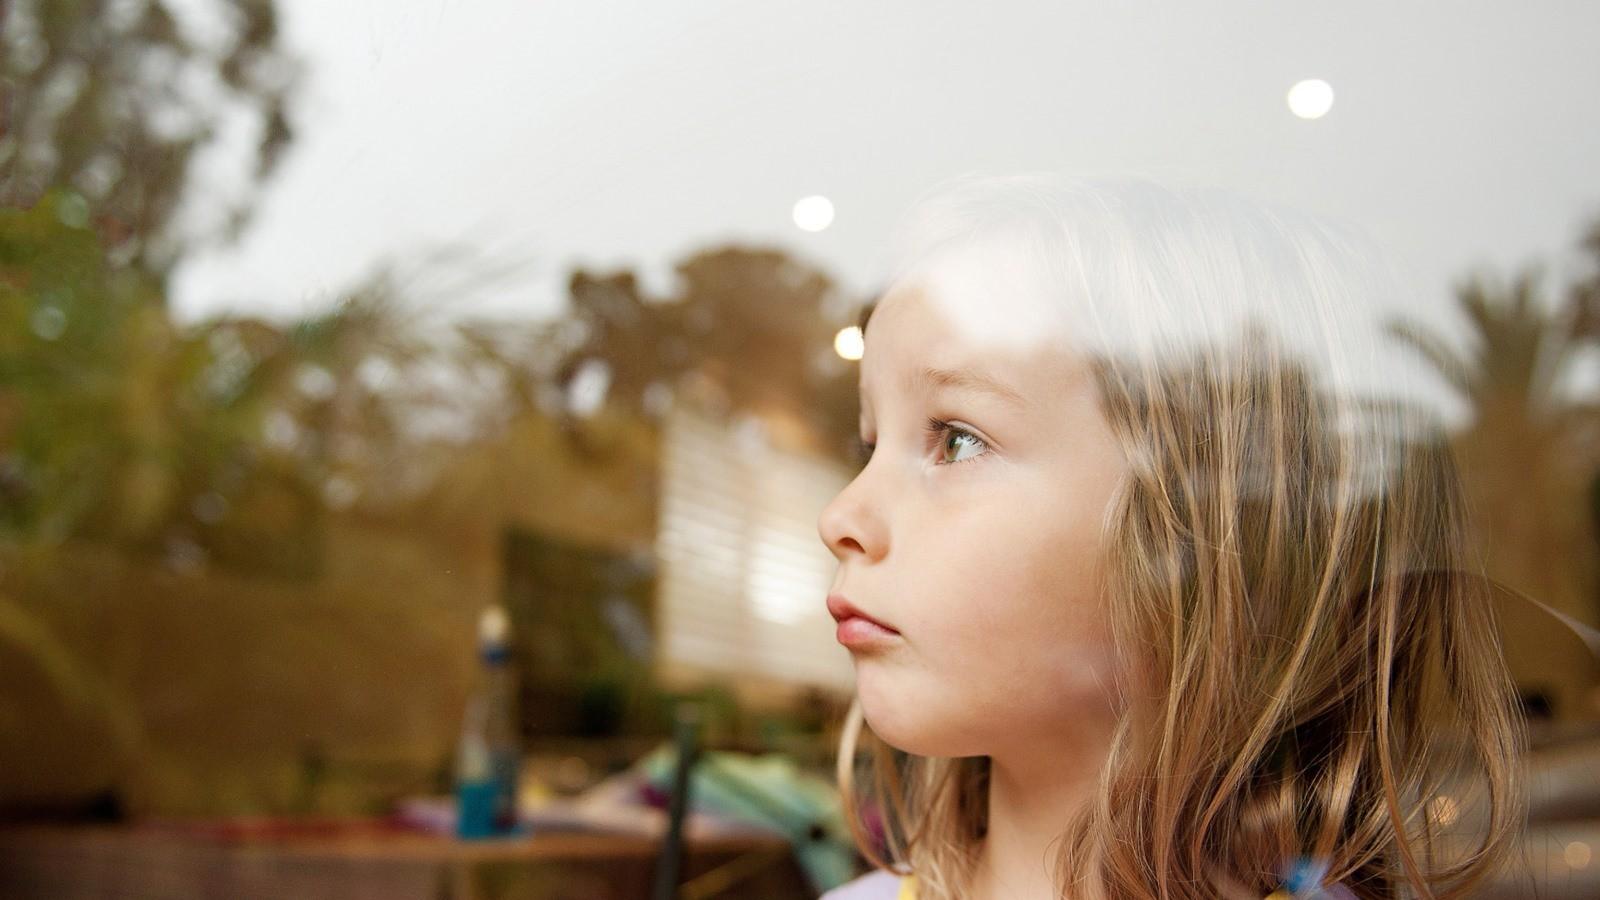 խոսքեր, որոնք չի կարելի ասել երեխային